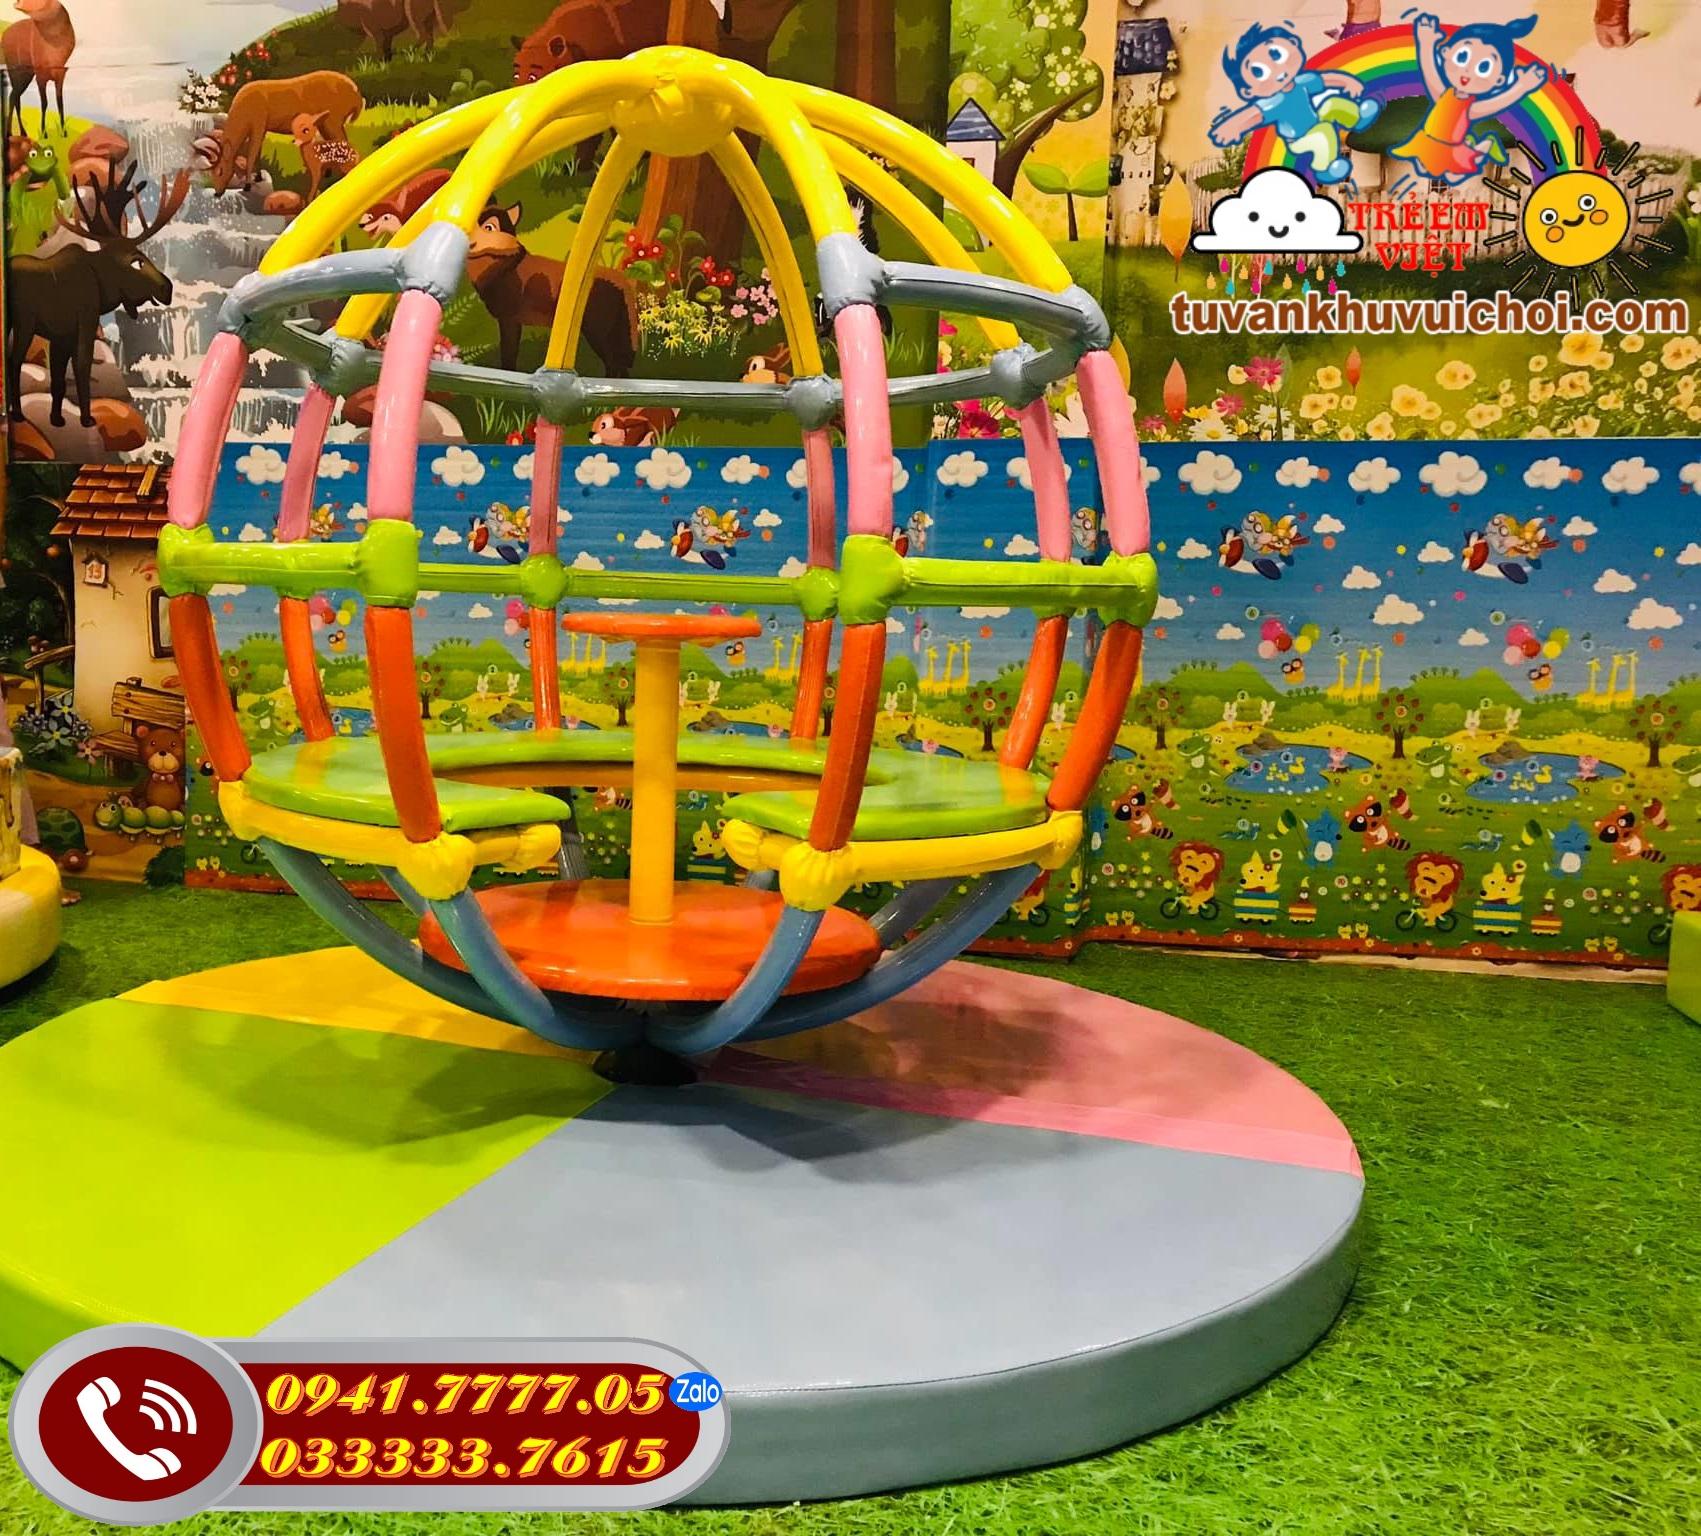 Hình ảnh thực tế của lồng Xoay khu vui chơi trẻ em